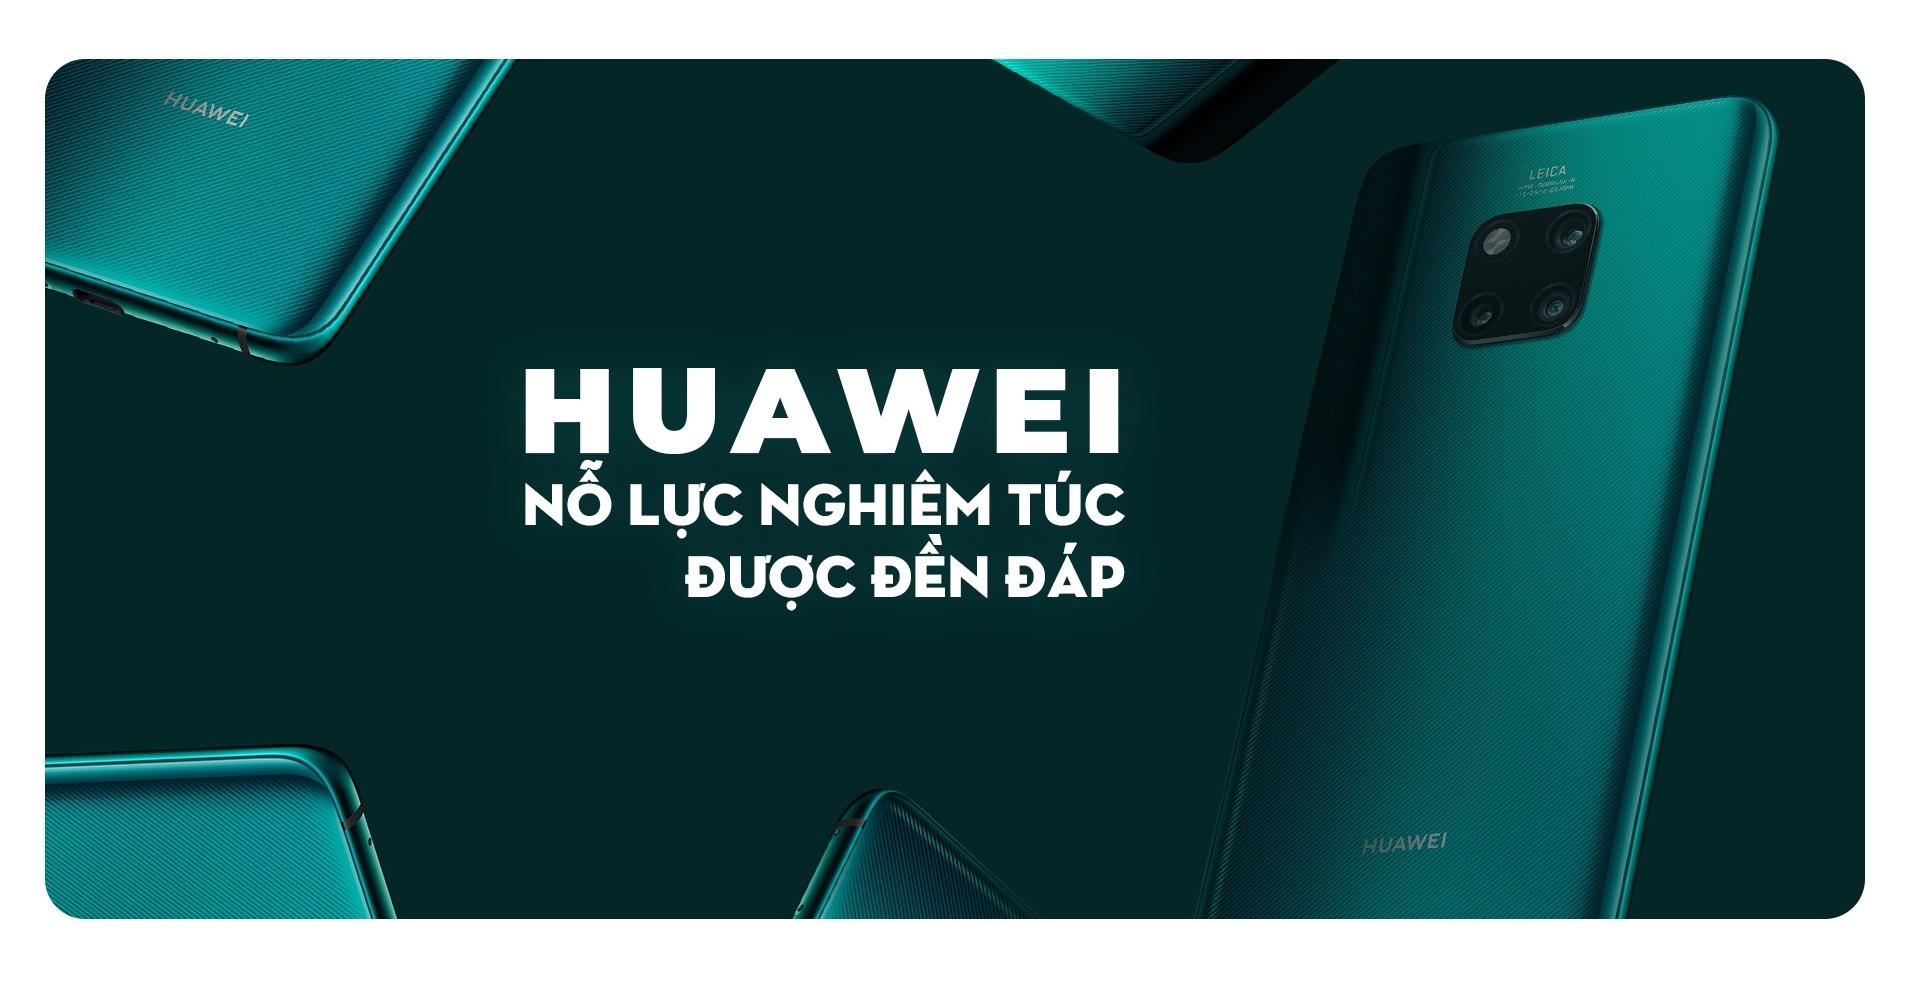 Huawei - no luc nghiem tuc duoc den dap hinh anh 2